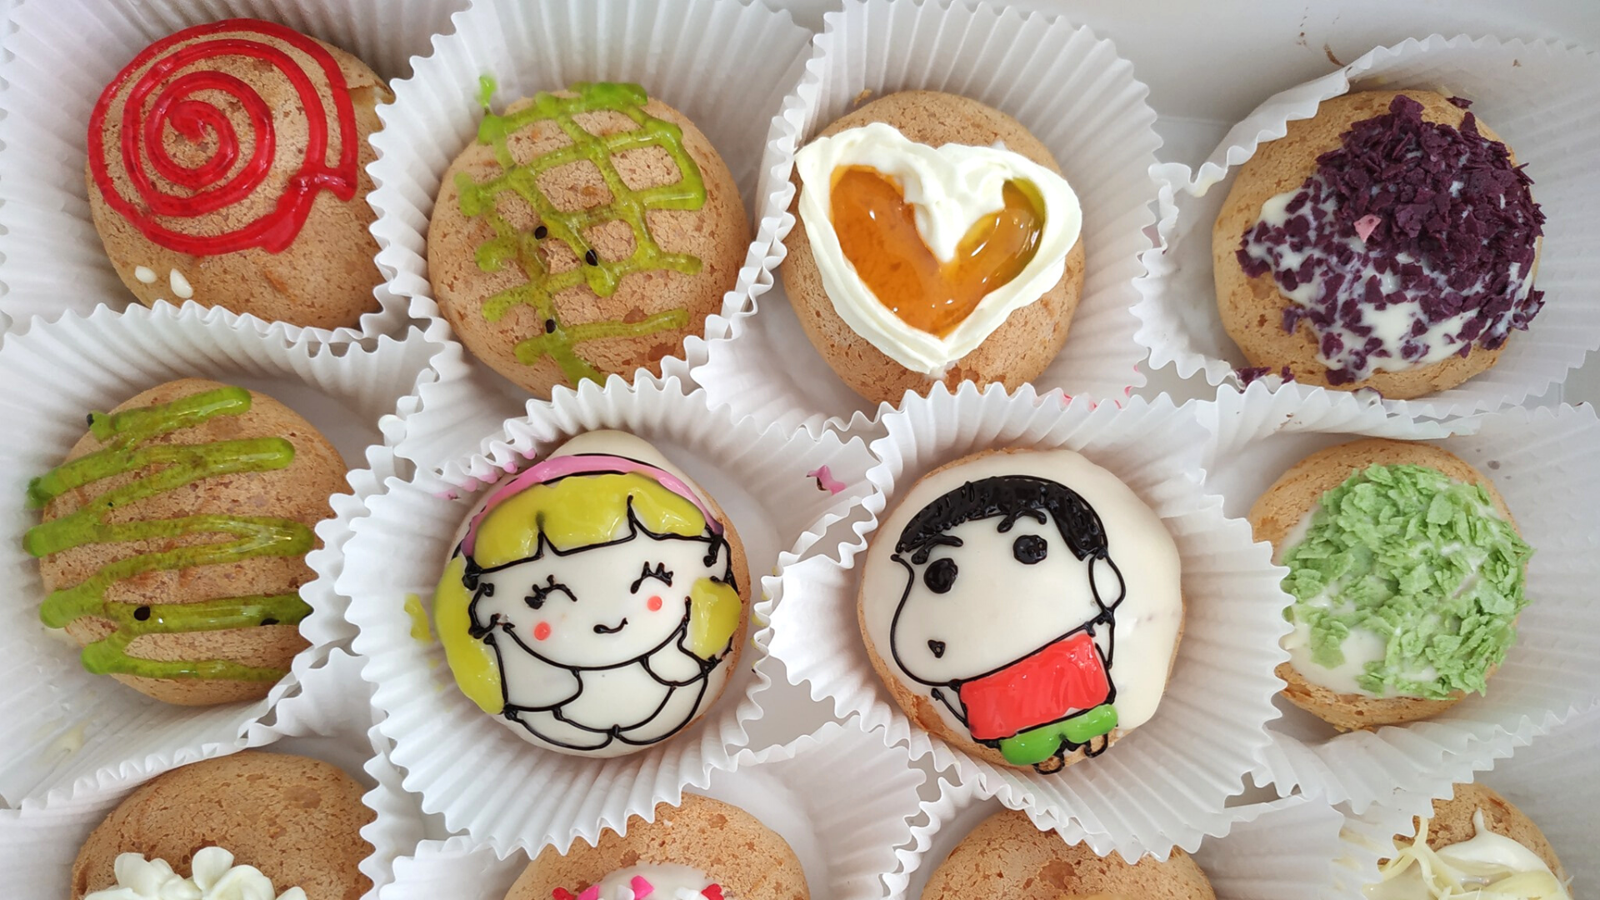 Đồng giá 10K cho tất cả những chiếc bánh dễ thương này